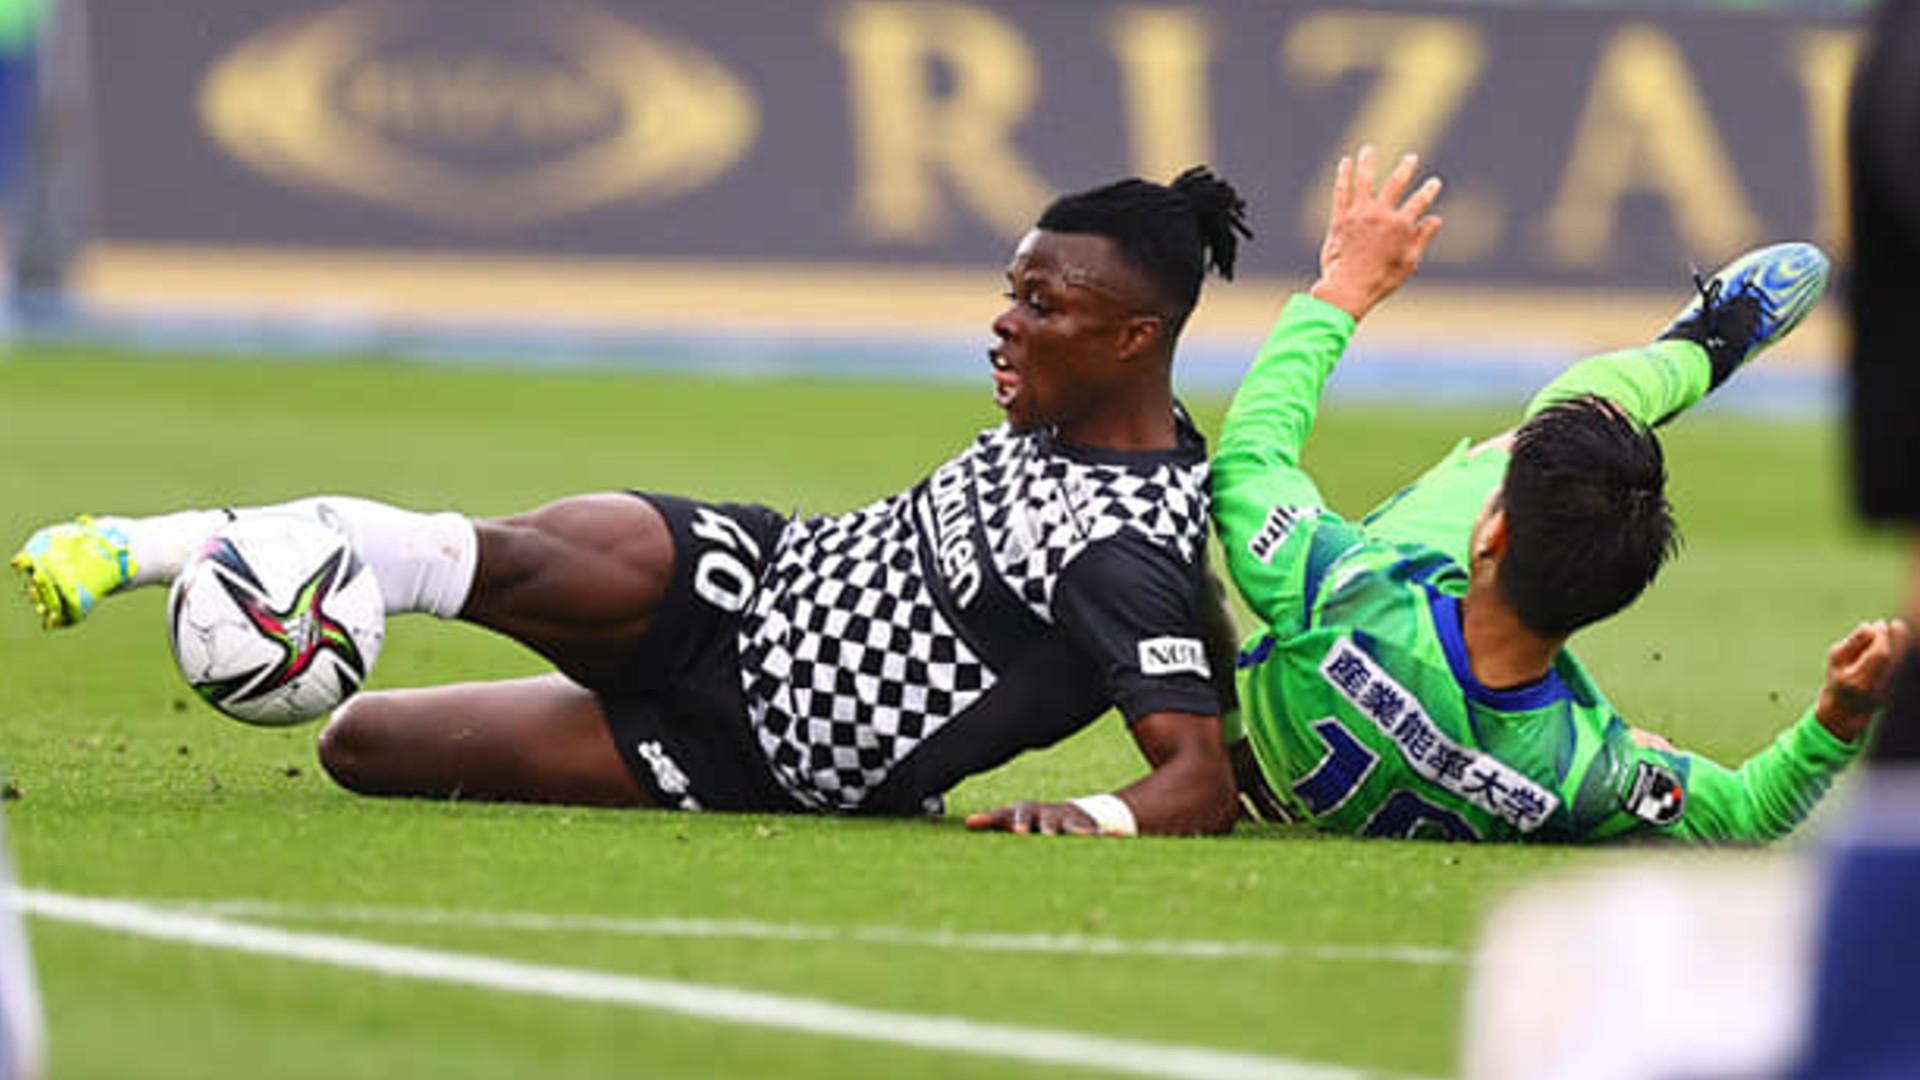 Timbe: Vermaelen beats Kenya star to Vissel Kobe monthly award